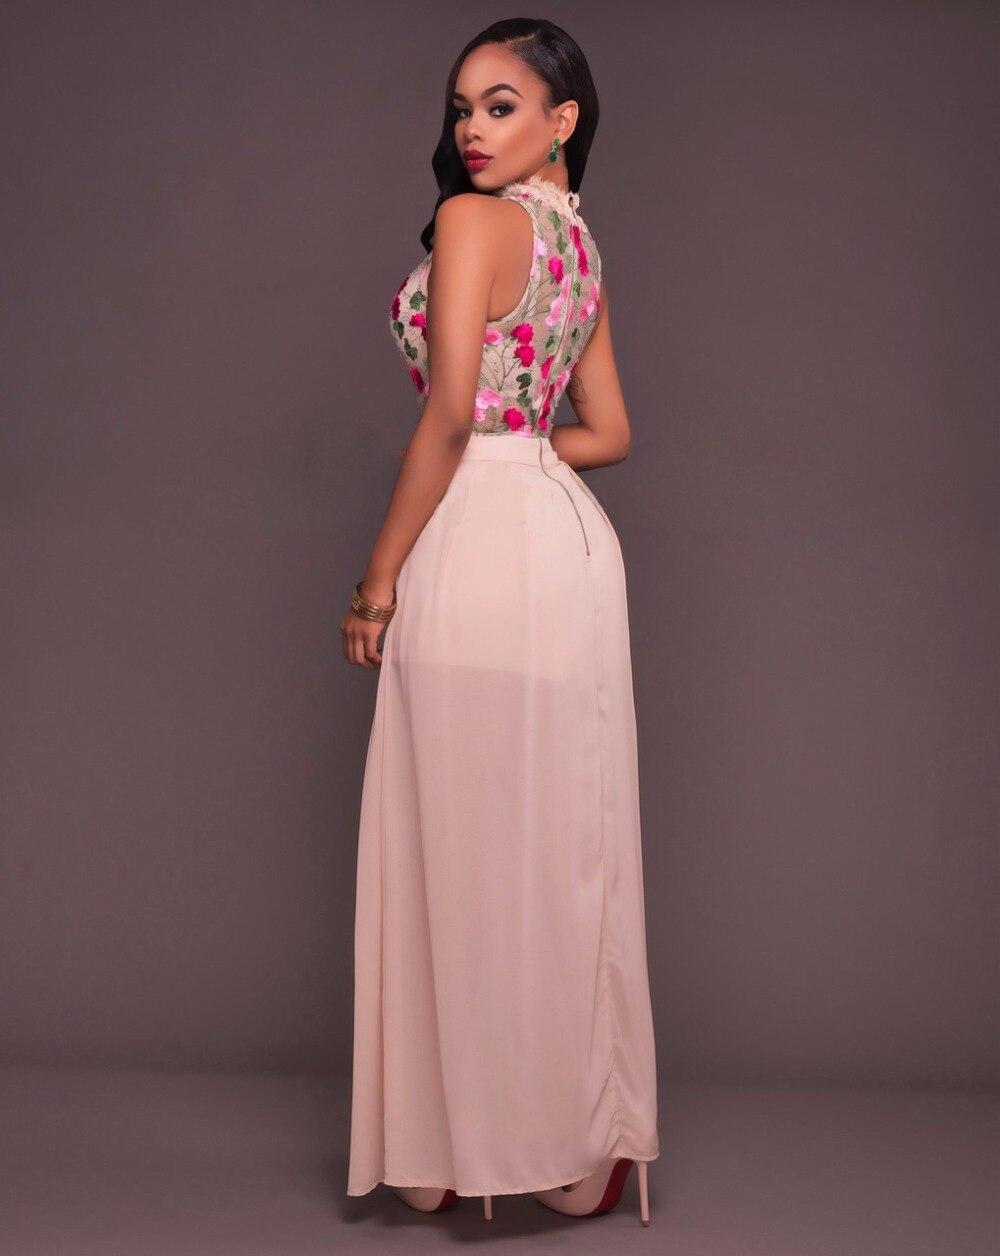 Bonito Vestidos De Dama De época Bajo 100 Ideas Ornamento ...